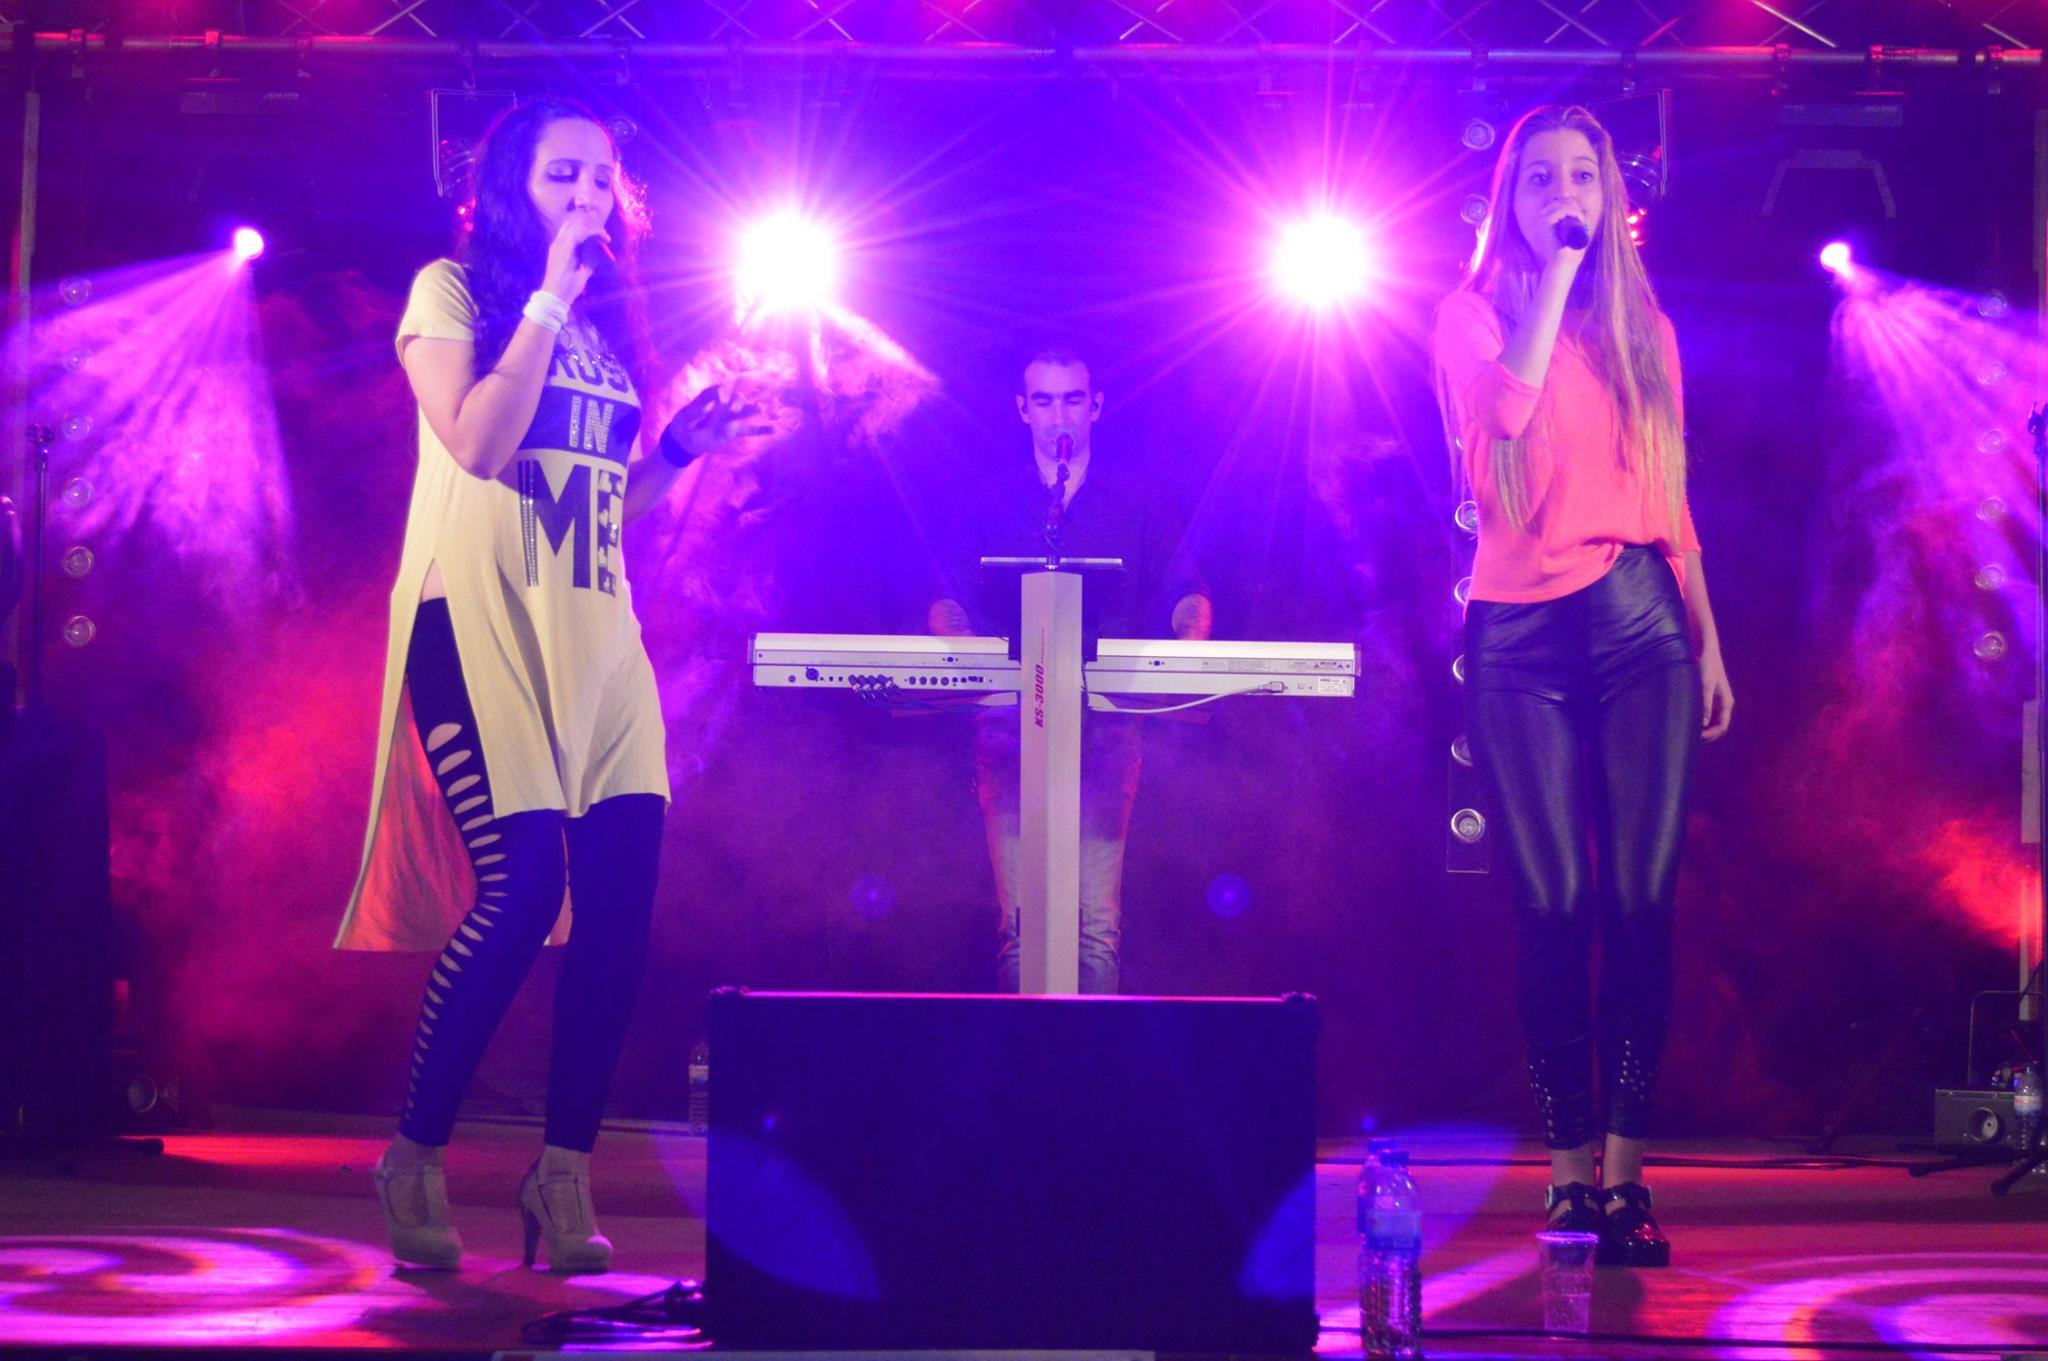 Grupo Musical AXN, Grupo AXN, Musica ao vivo, Grupos Musicais, Bailes, AXN, Festas populares